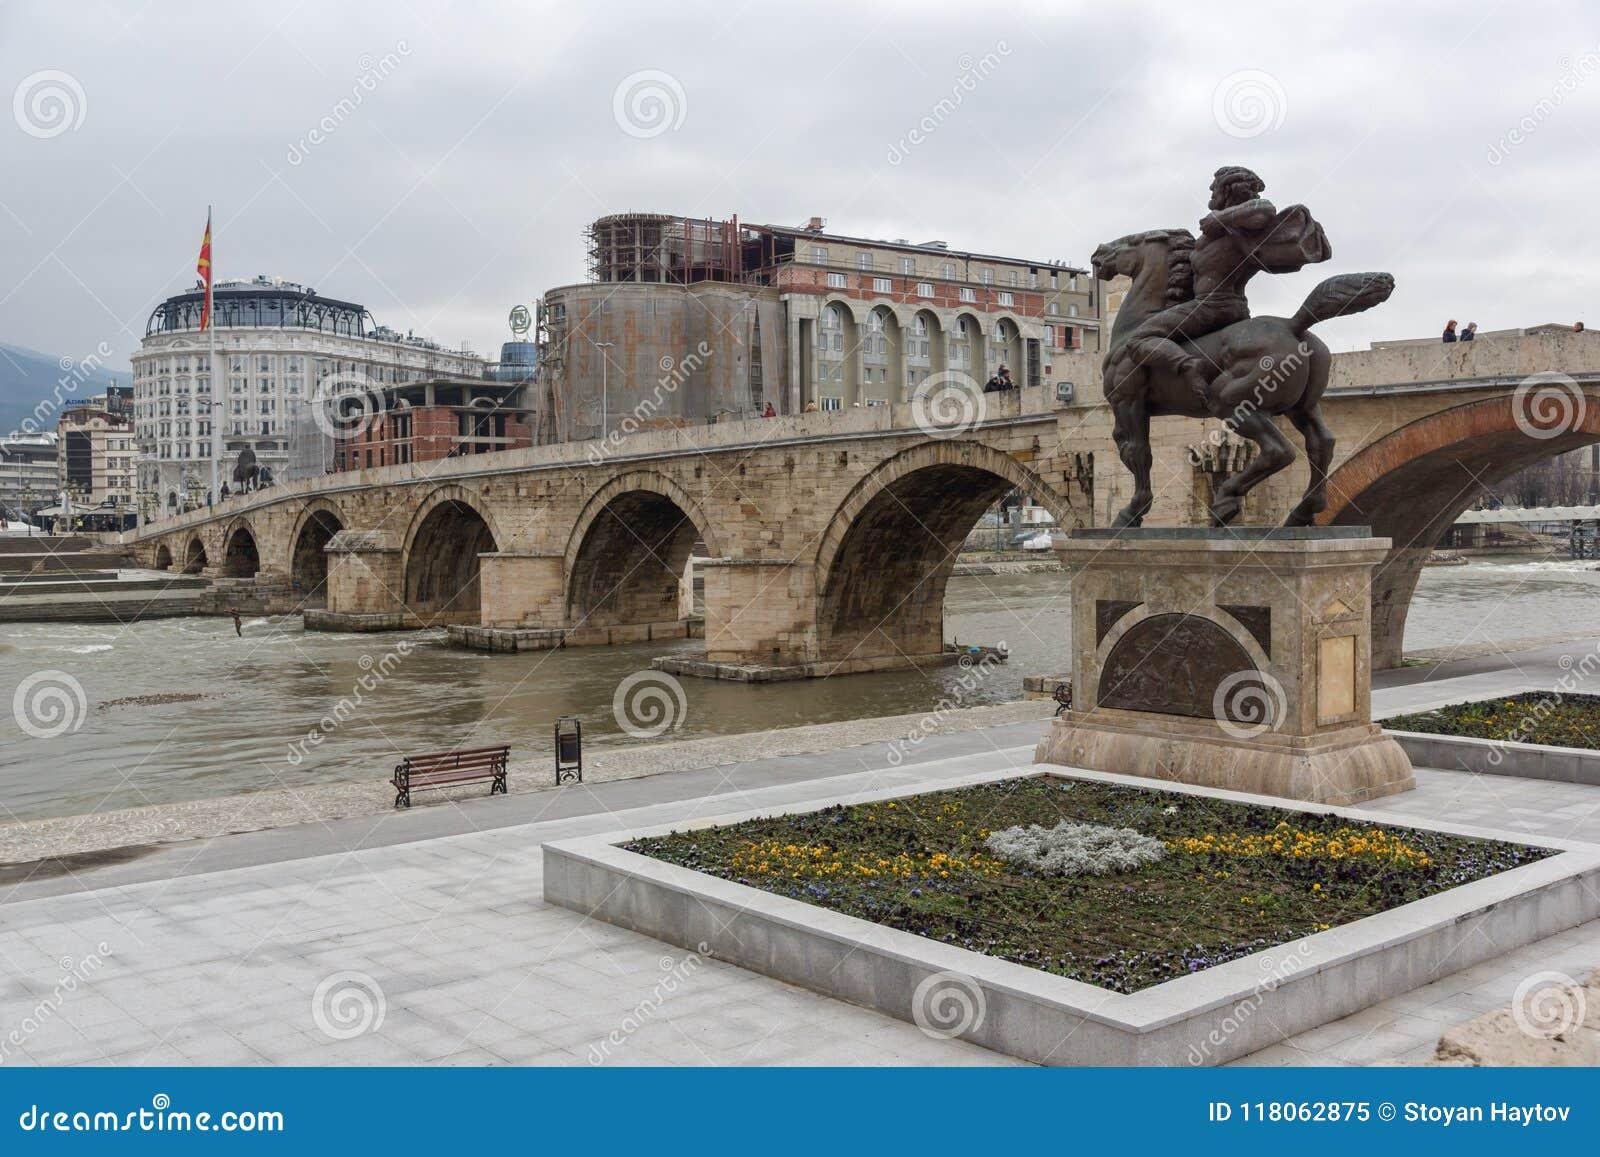 Centro da cidade de Skopje, ponte de pedra velha, monumento de Karposh e rio de Vardar, com referência a